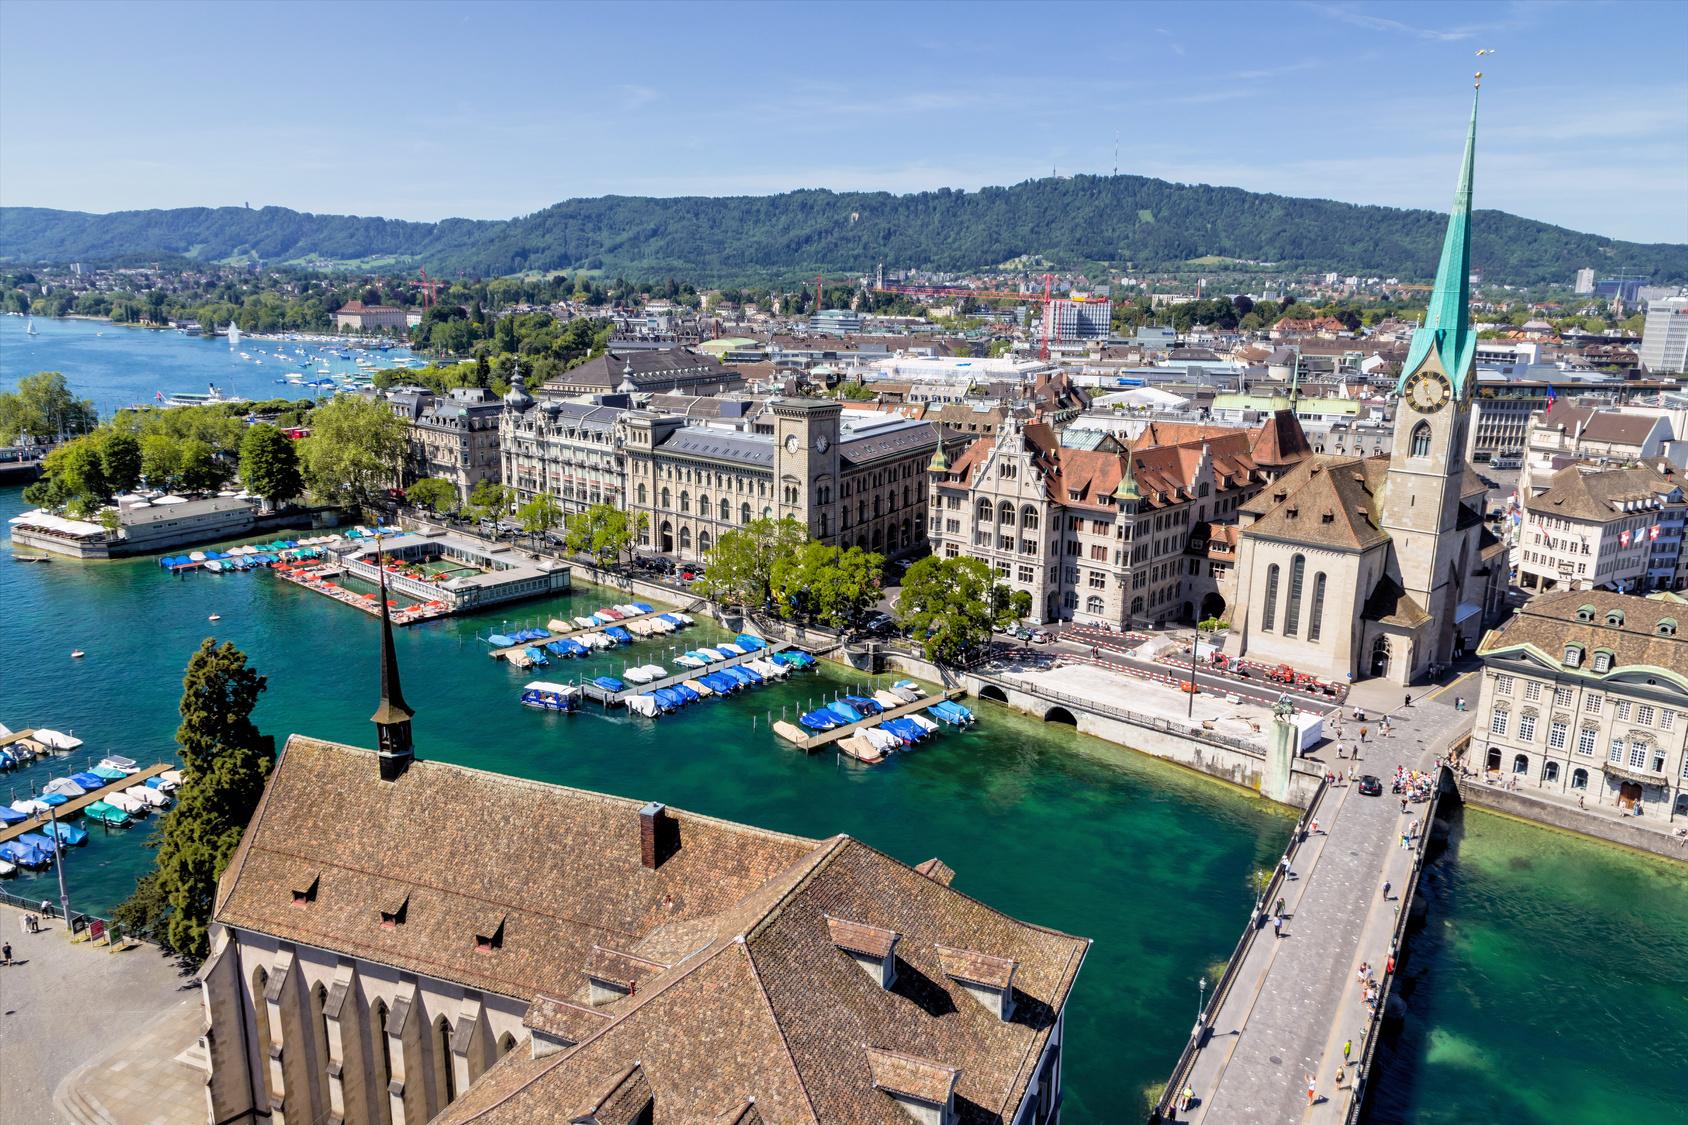 Partnersuche Zürich Kostenlos partner kennenlernen